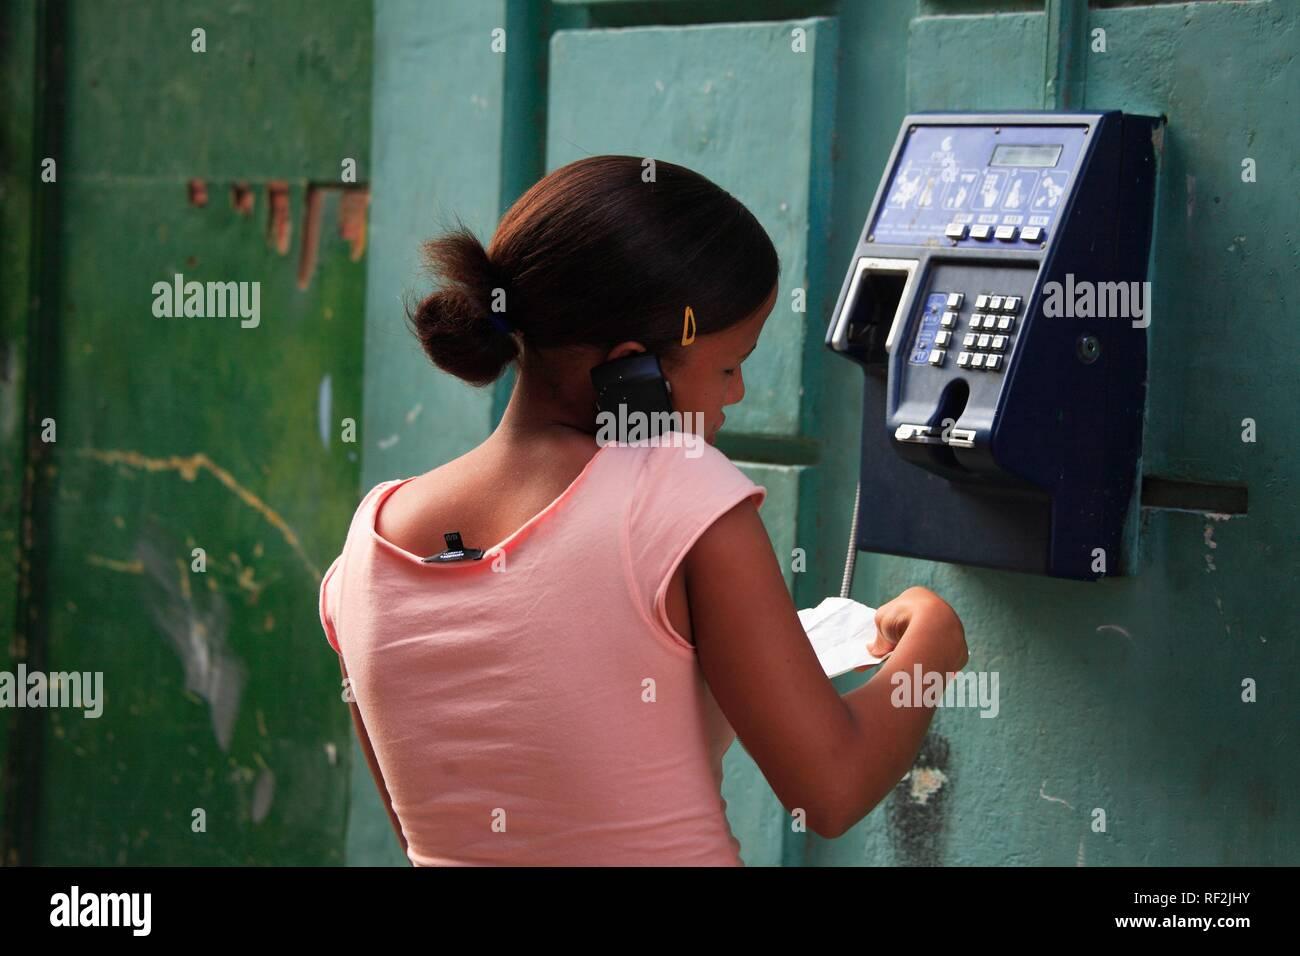 Local woman at a public telephone, Havana, Cuba, Caribbean - Stock Image